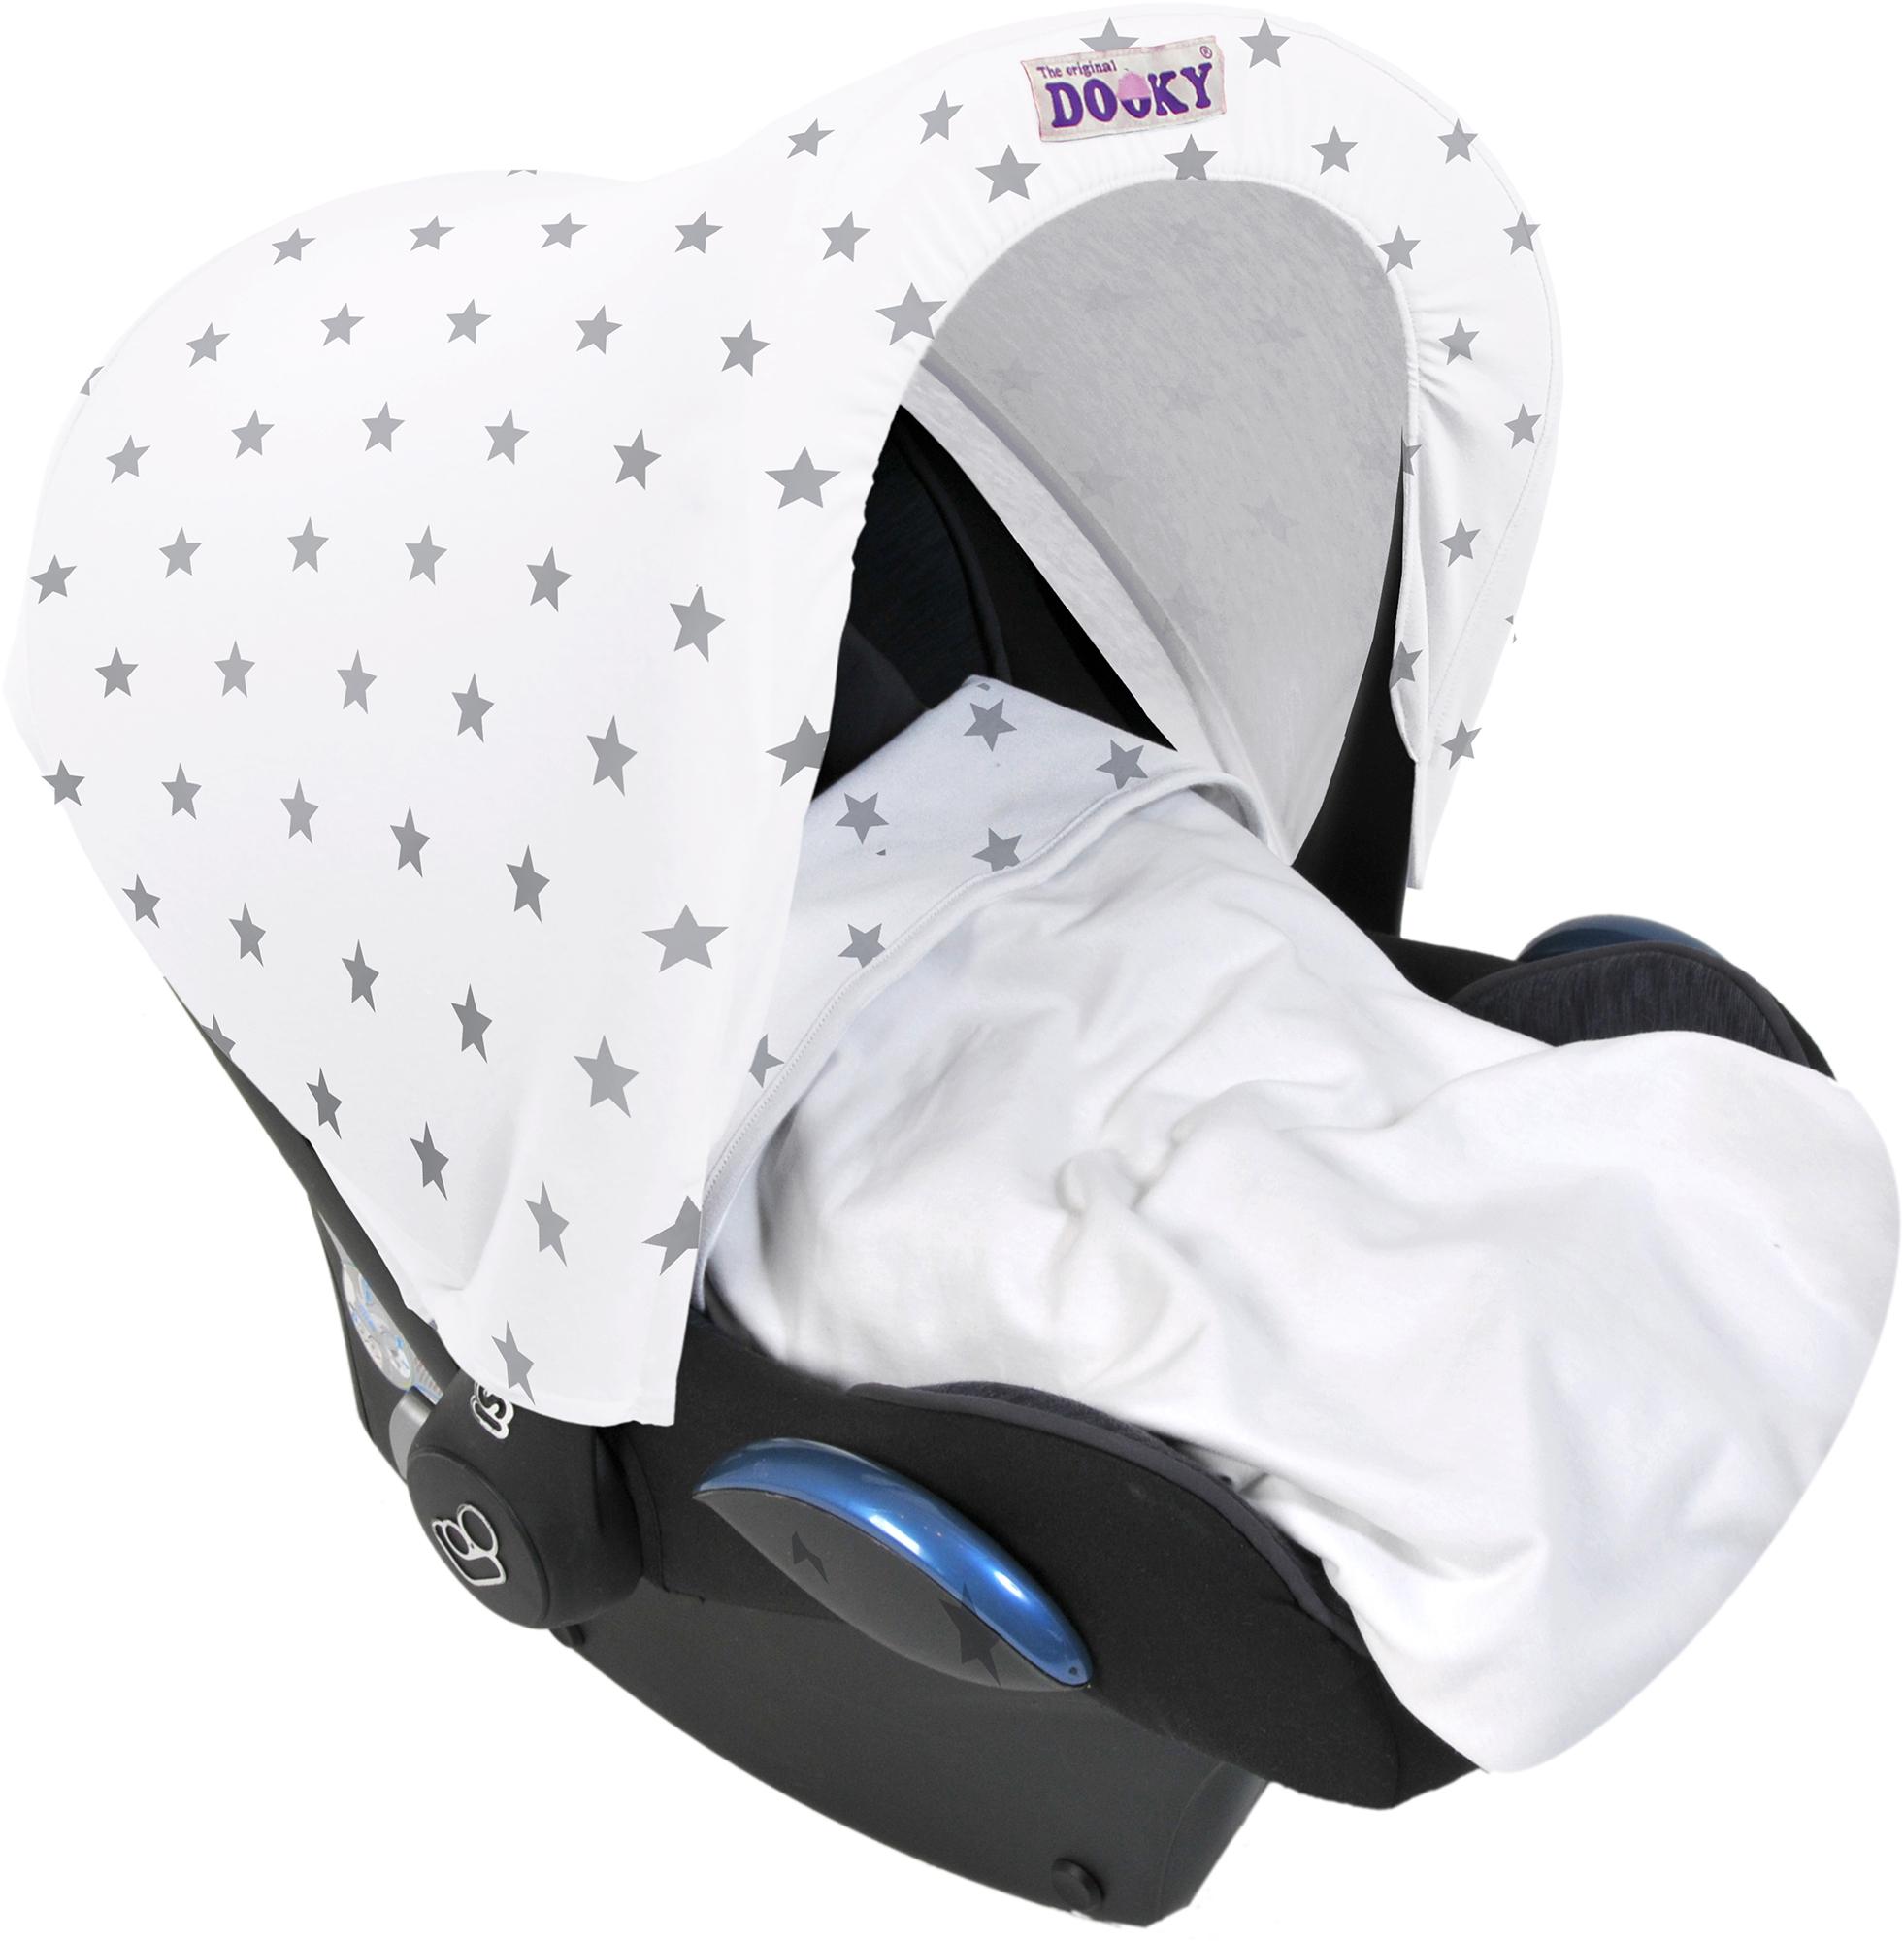 xplorys dooky decke baby kleinkind kind reise komfort kinderwagen autositz neu ebay. Black Bedroom Furniture Sets. Home Design Ideas